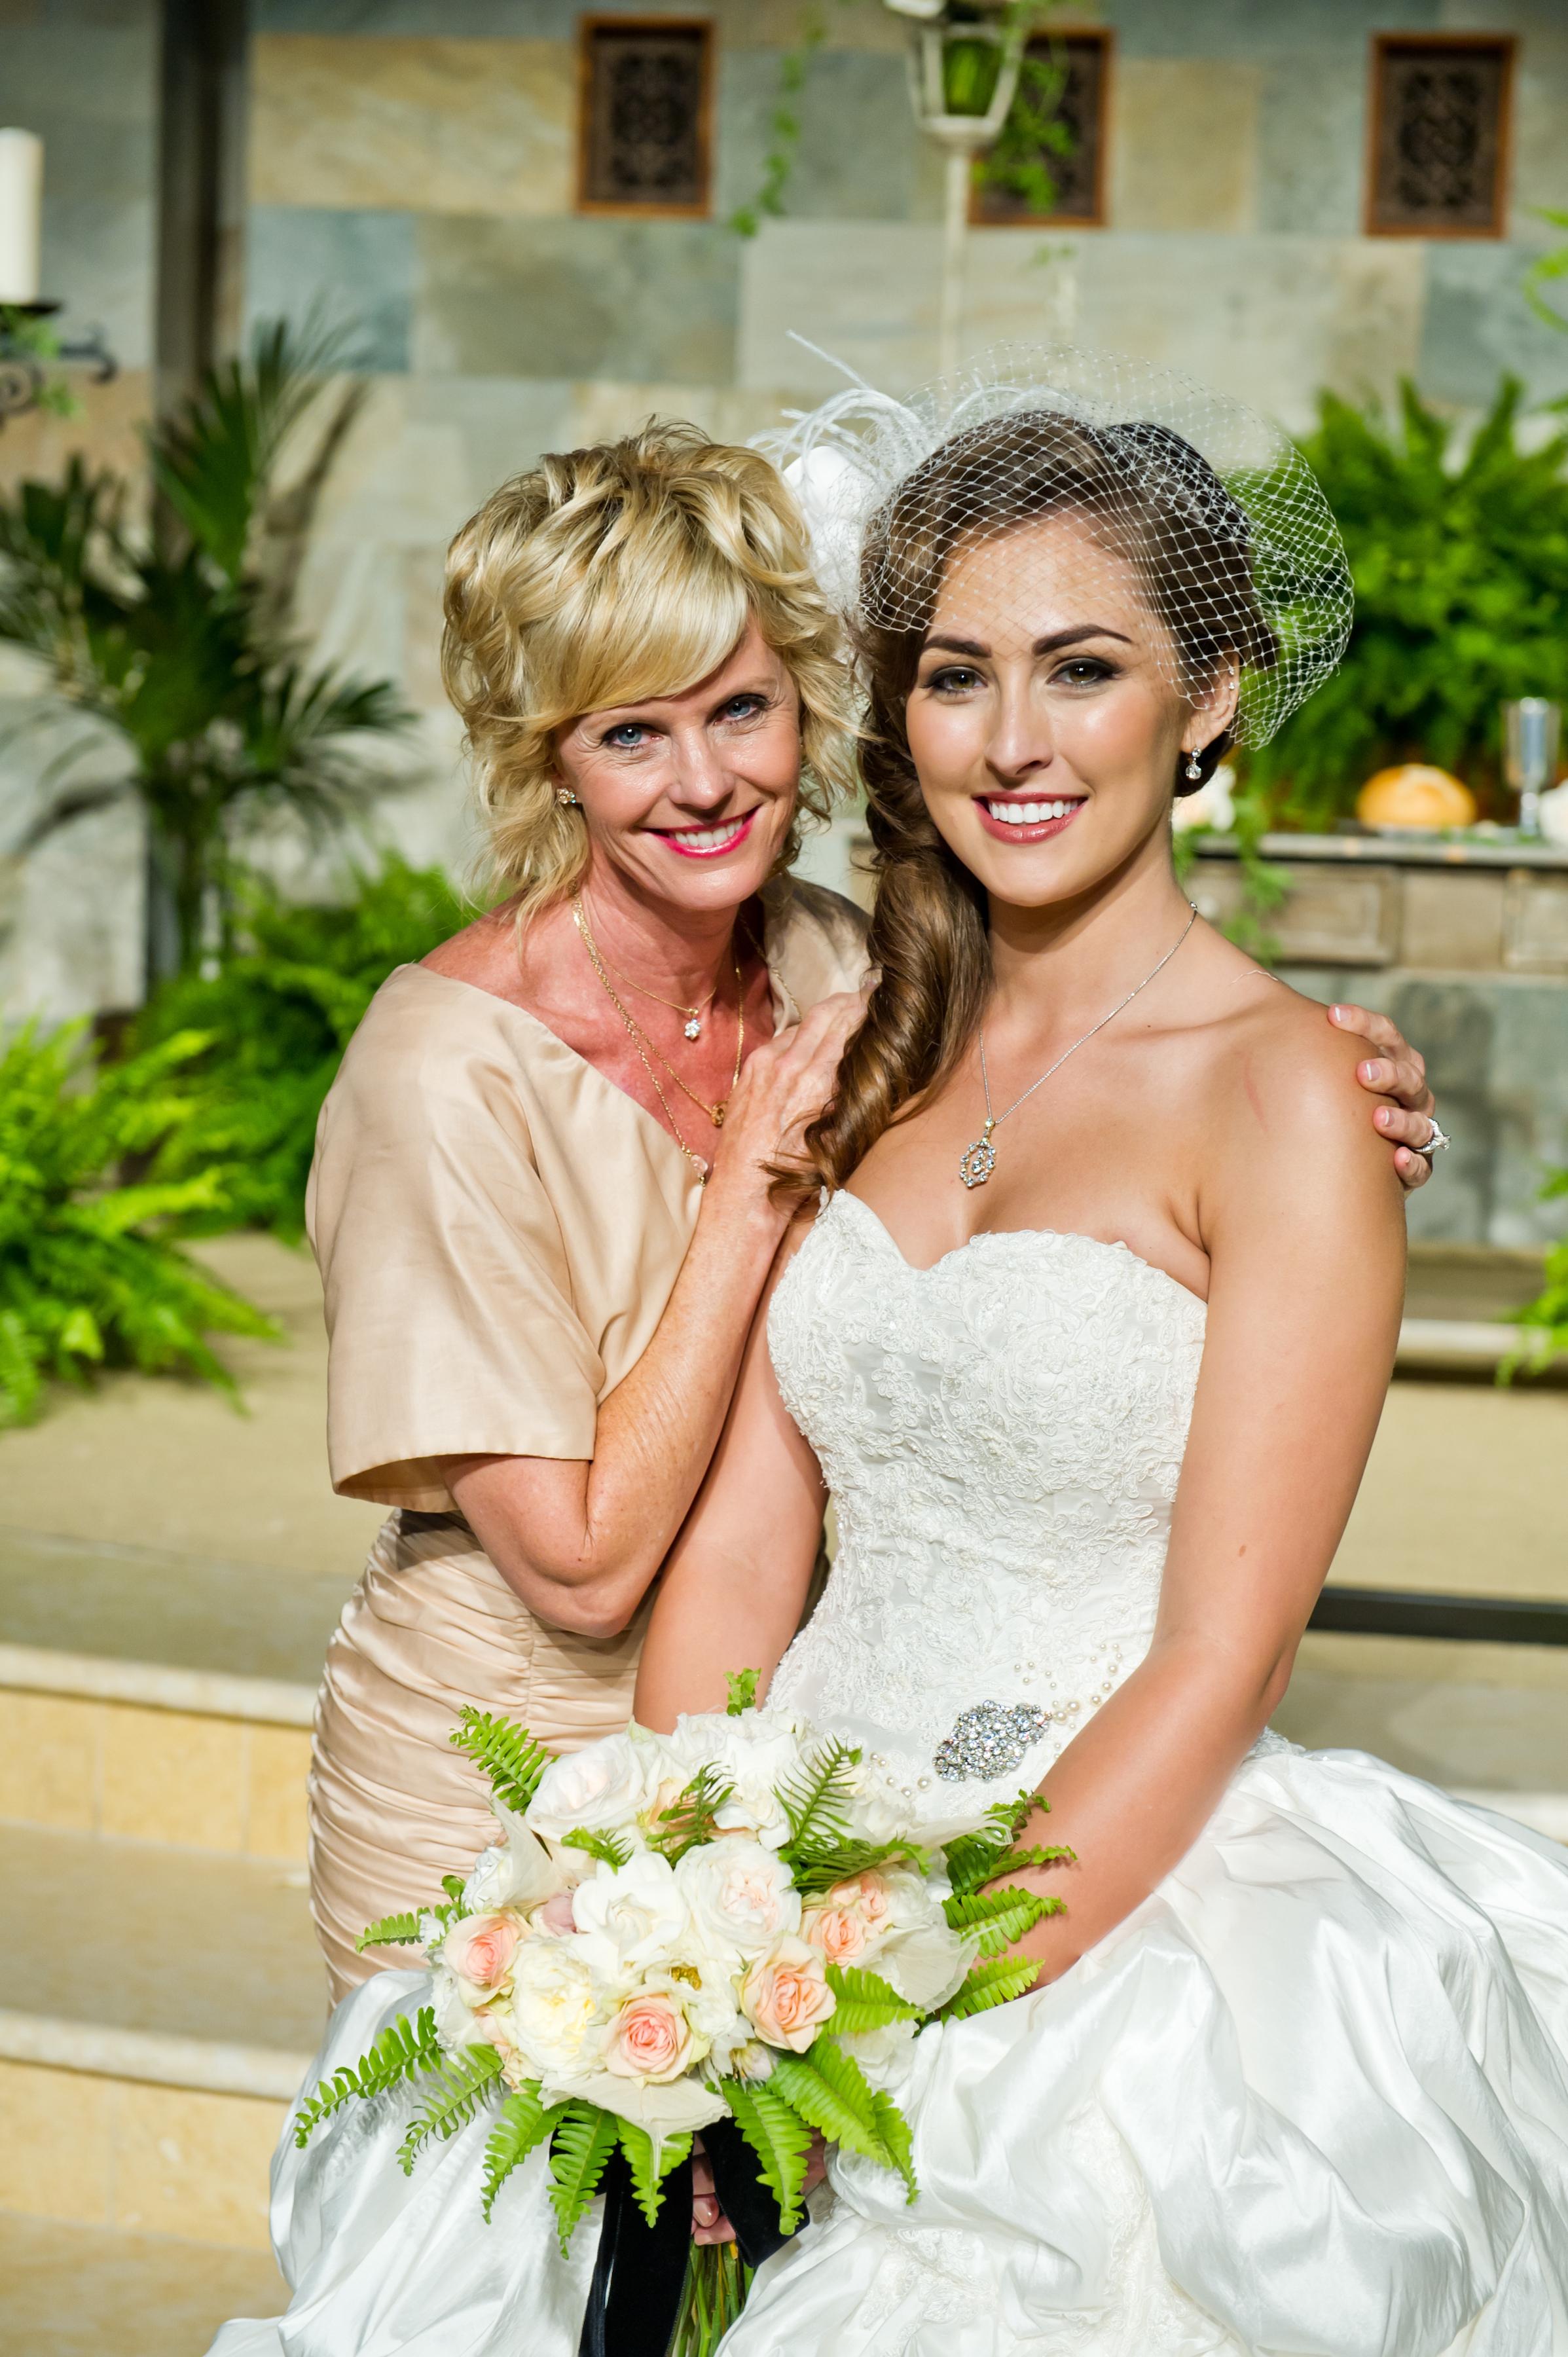 Image by True Weddings.